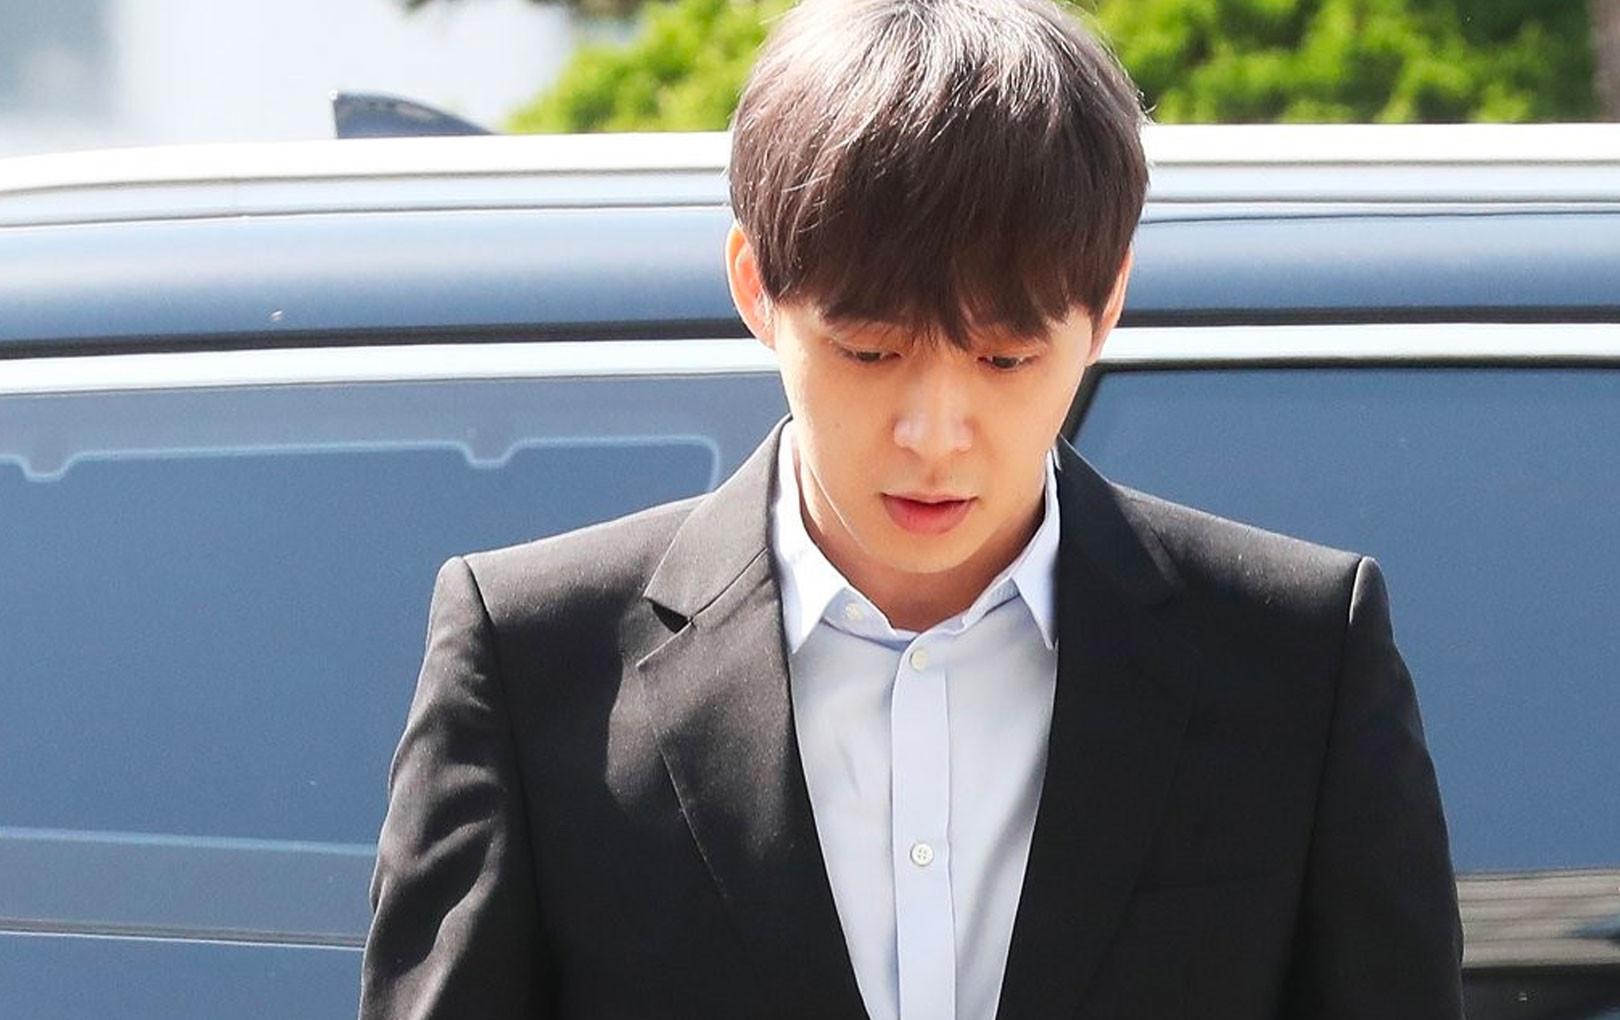 NÓNG: Yoochun bị tuyên bố dương tính với chất cấm